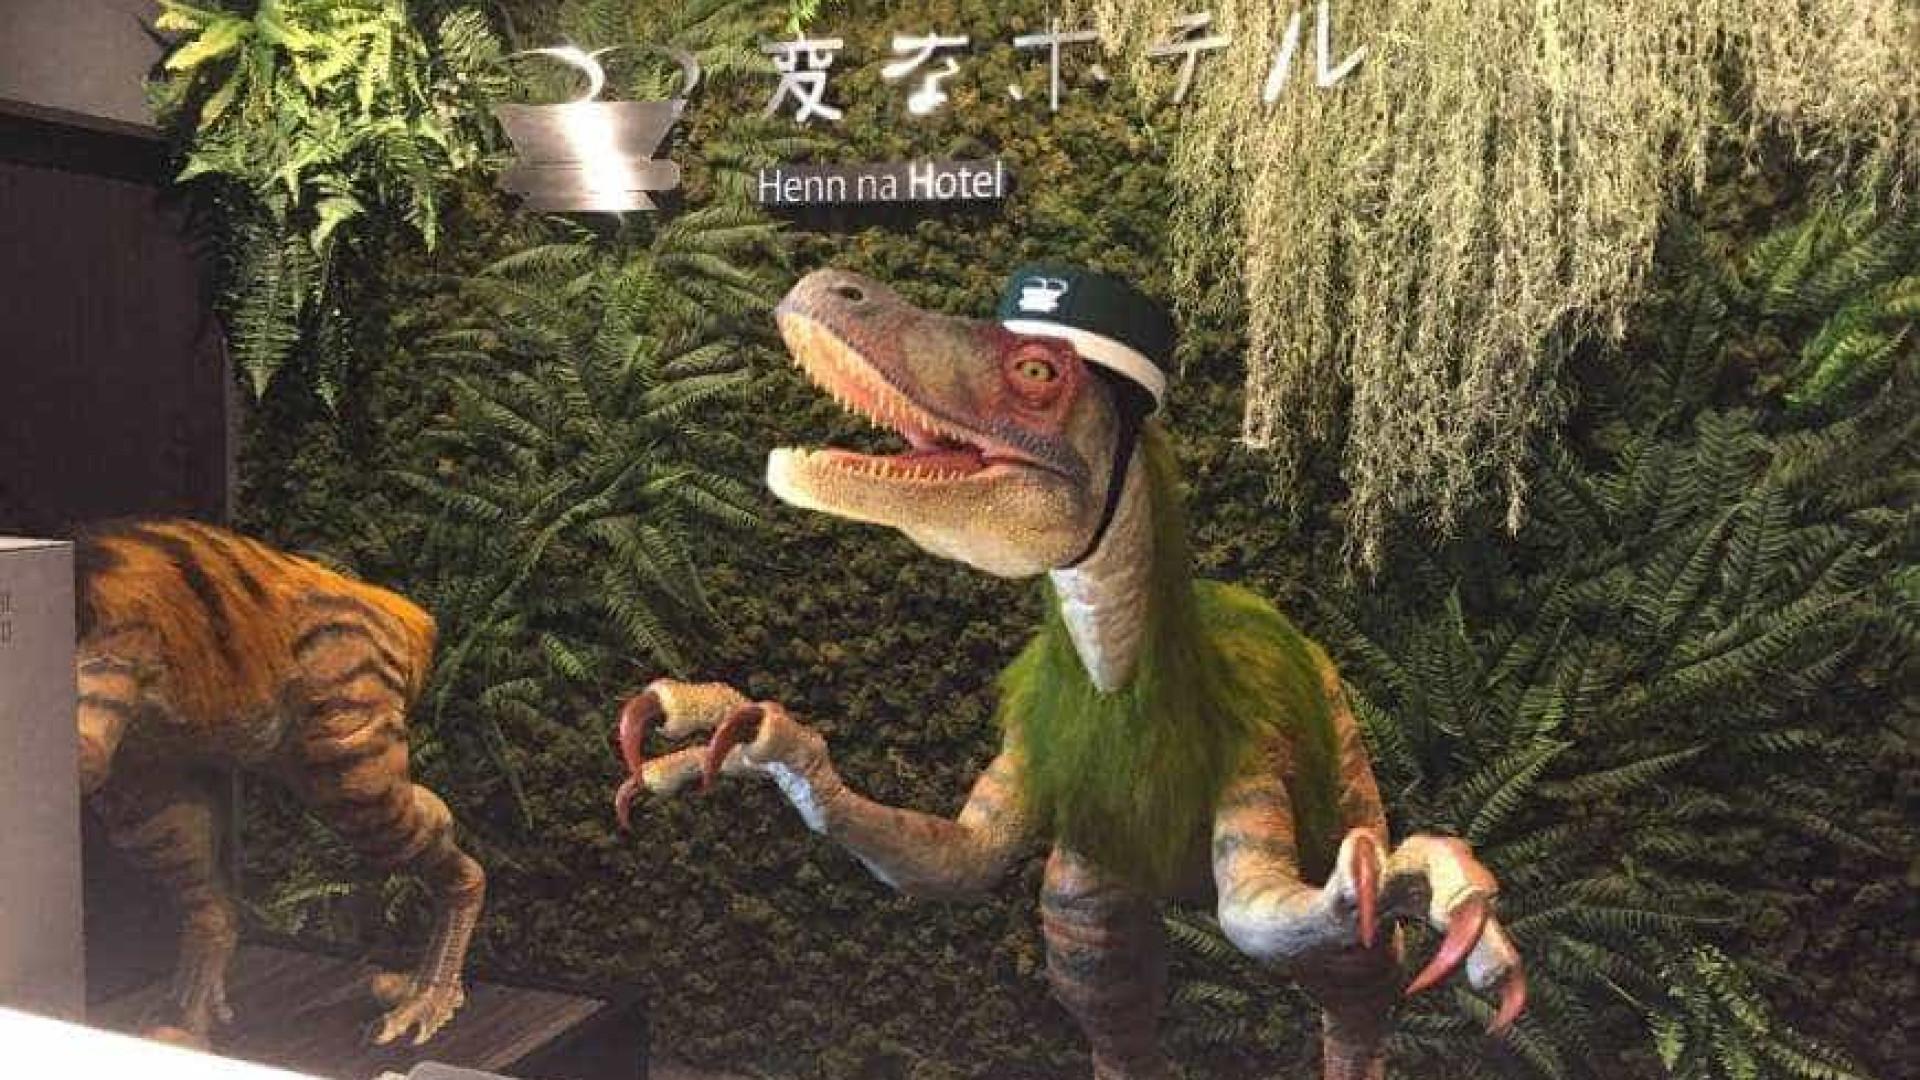 Neste hotel os hóspedes são atendidos por dinossauros robots